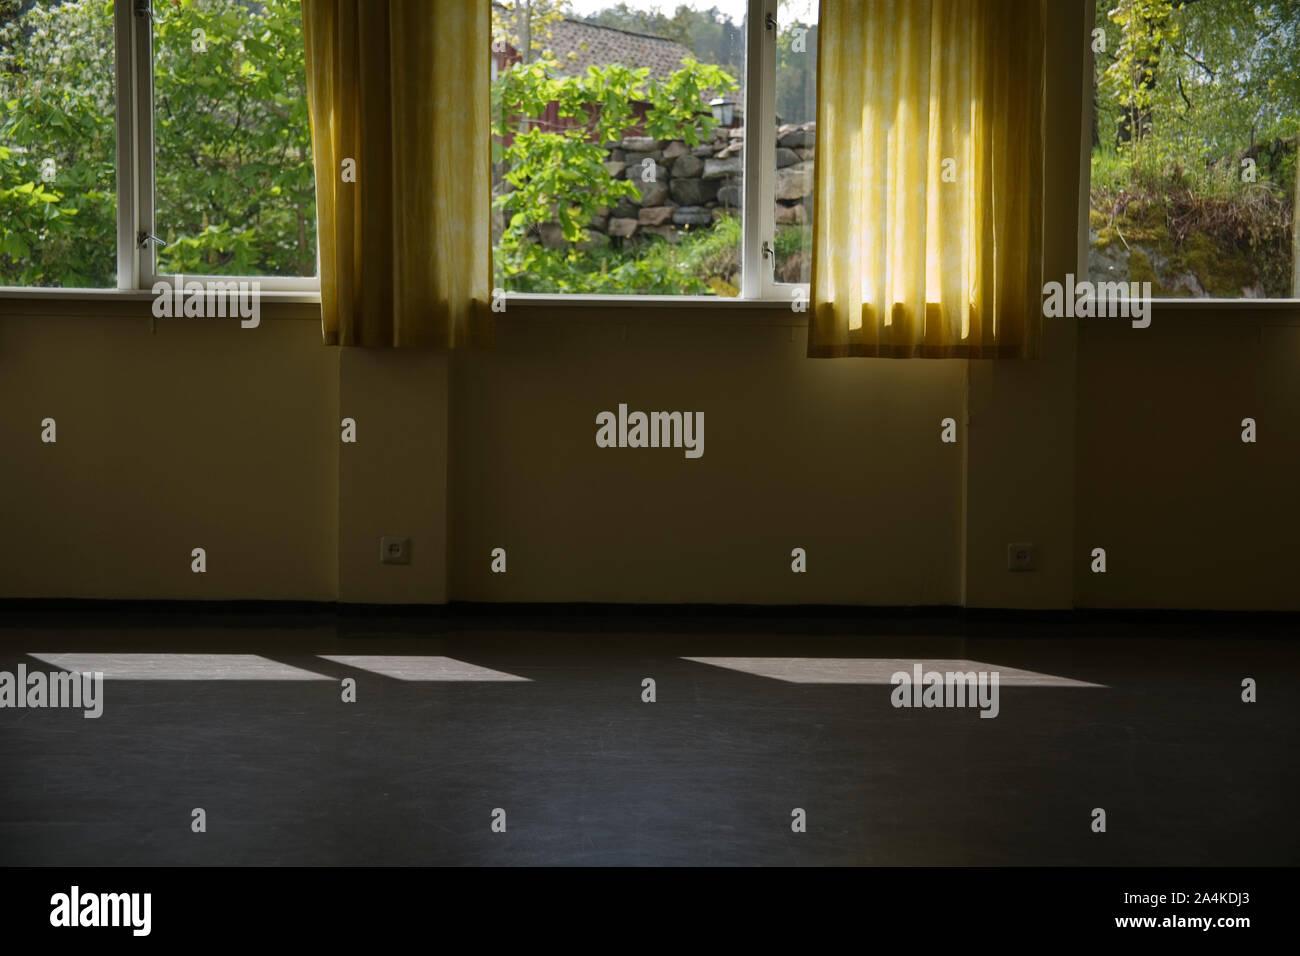 Une salle vide Banque D'Images